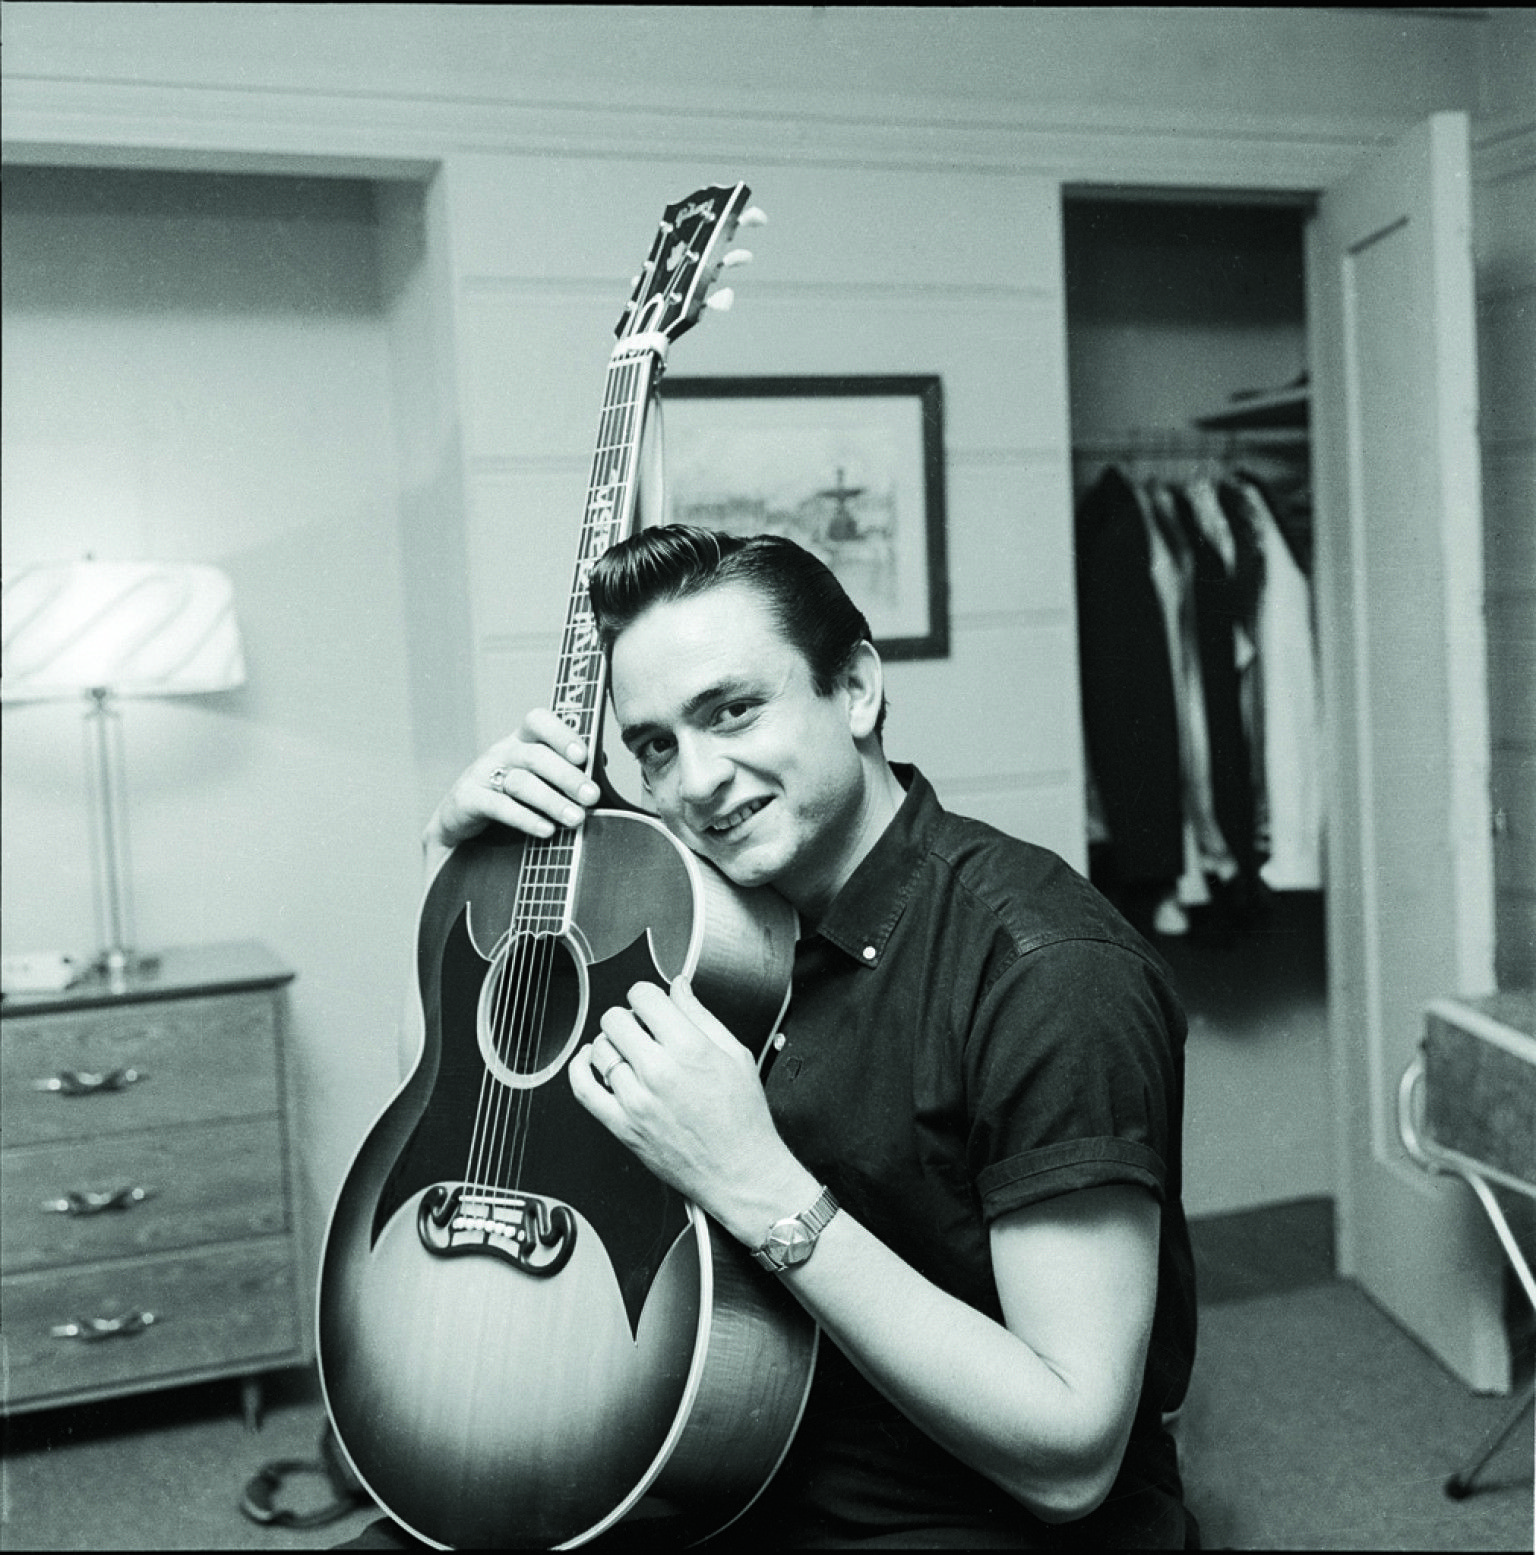 9 Rare Johnny Cash Photos | Music | Johnny Cash, Young johnny cash, Johnny cash american